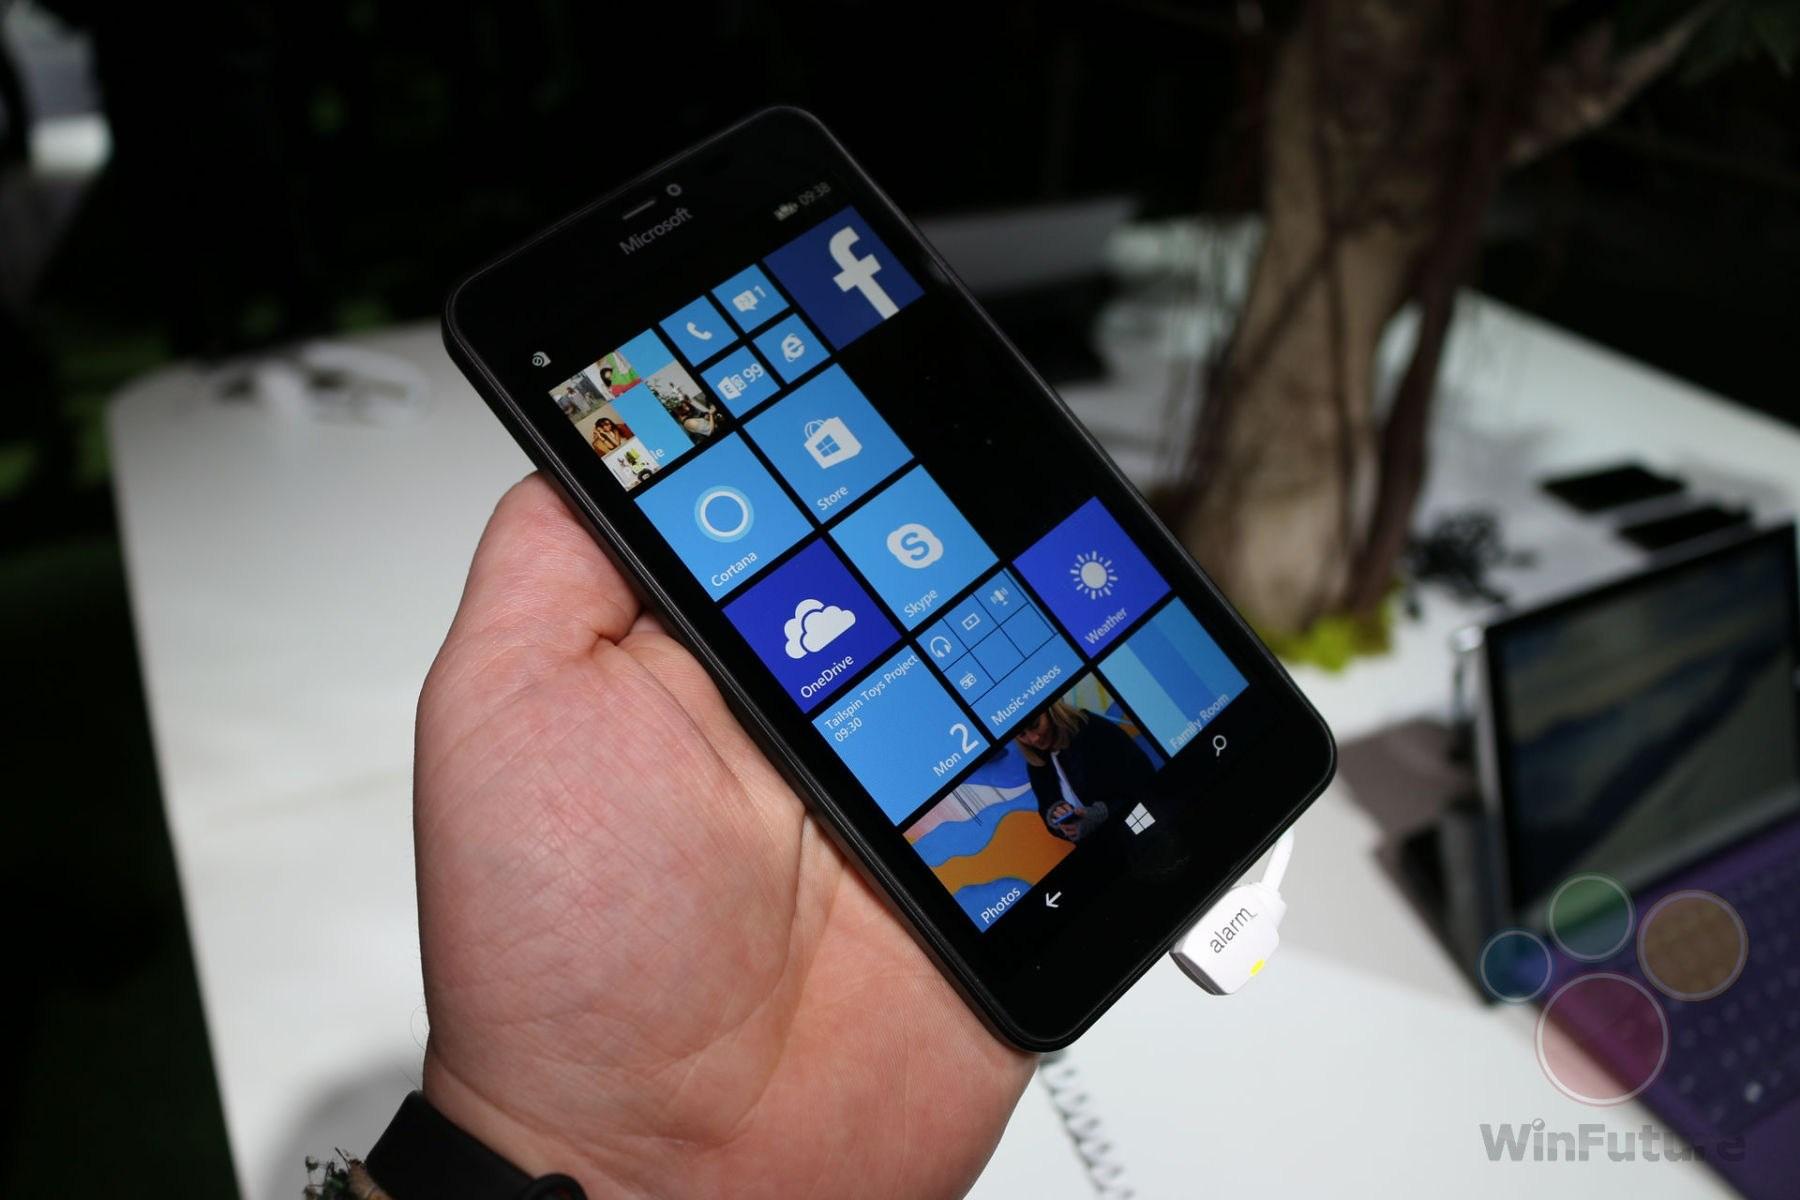 Microsoft bestätigt: Vor Windows 10 kein neues Flaggschiff-Phone